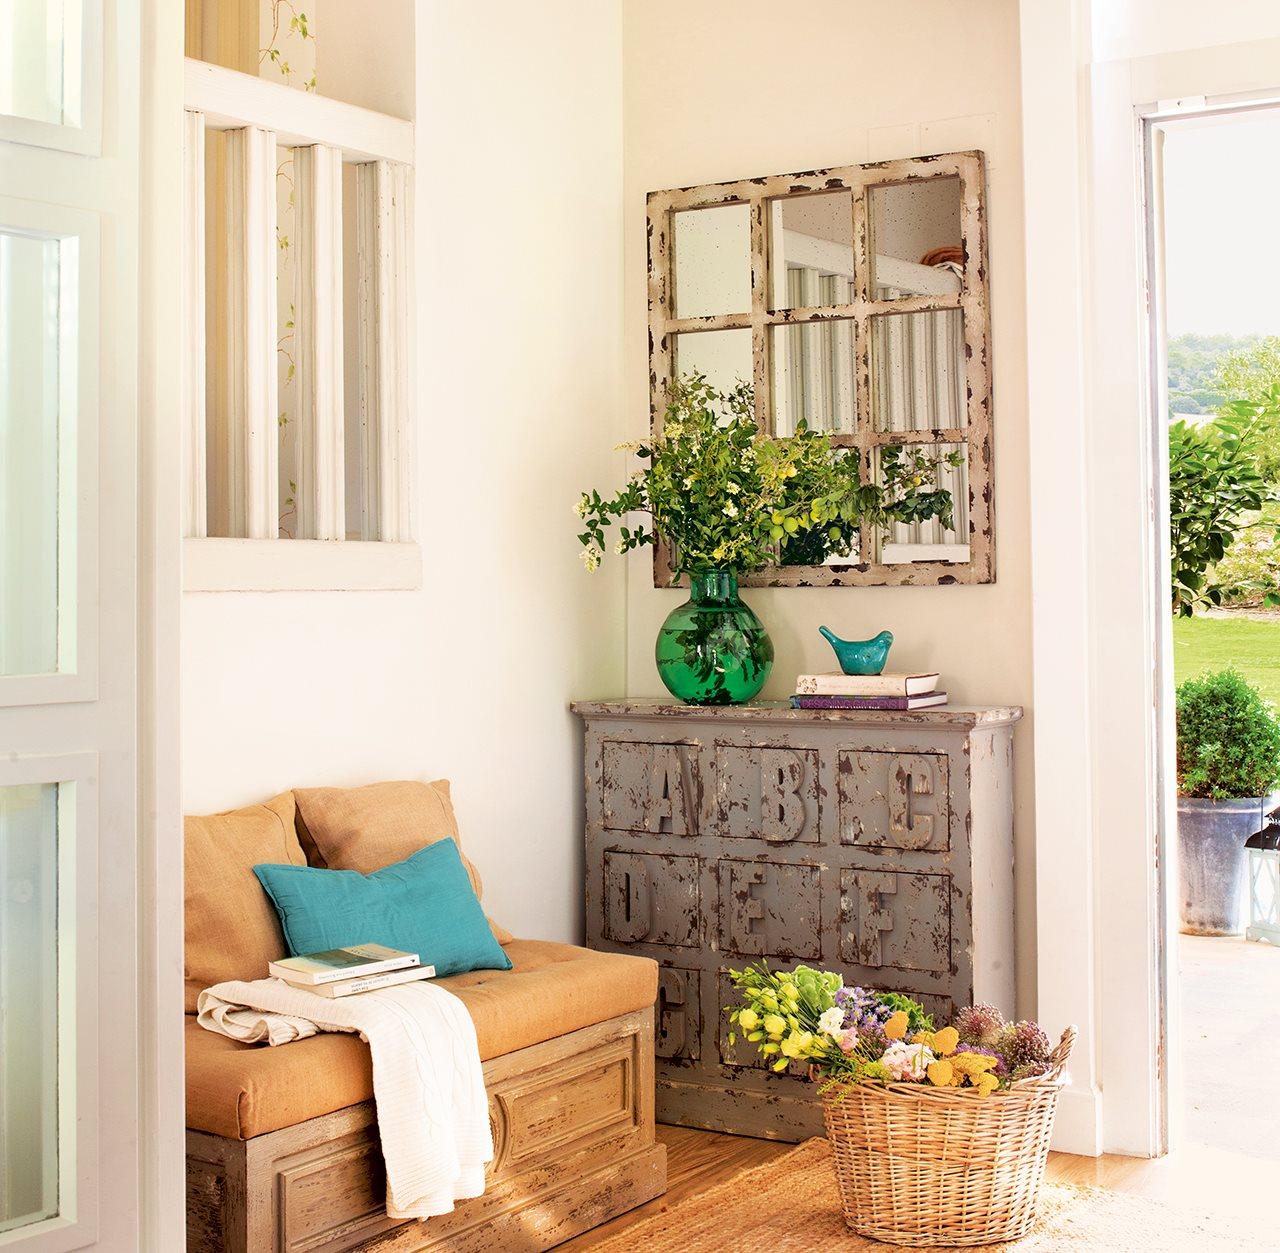 Ideas para redecorar tu casa - Muebles recibidores pequenos ...